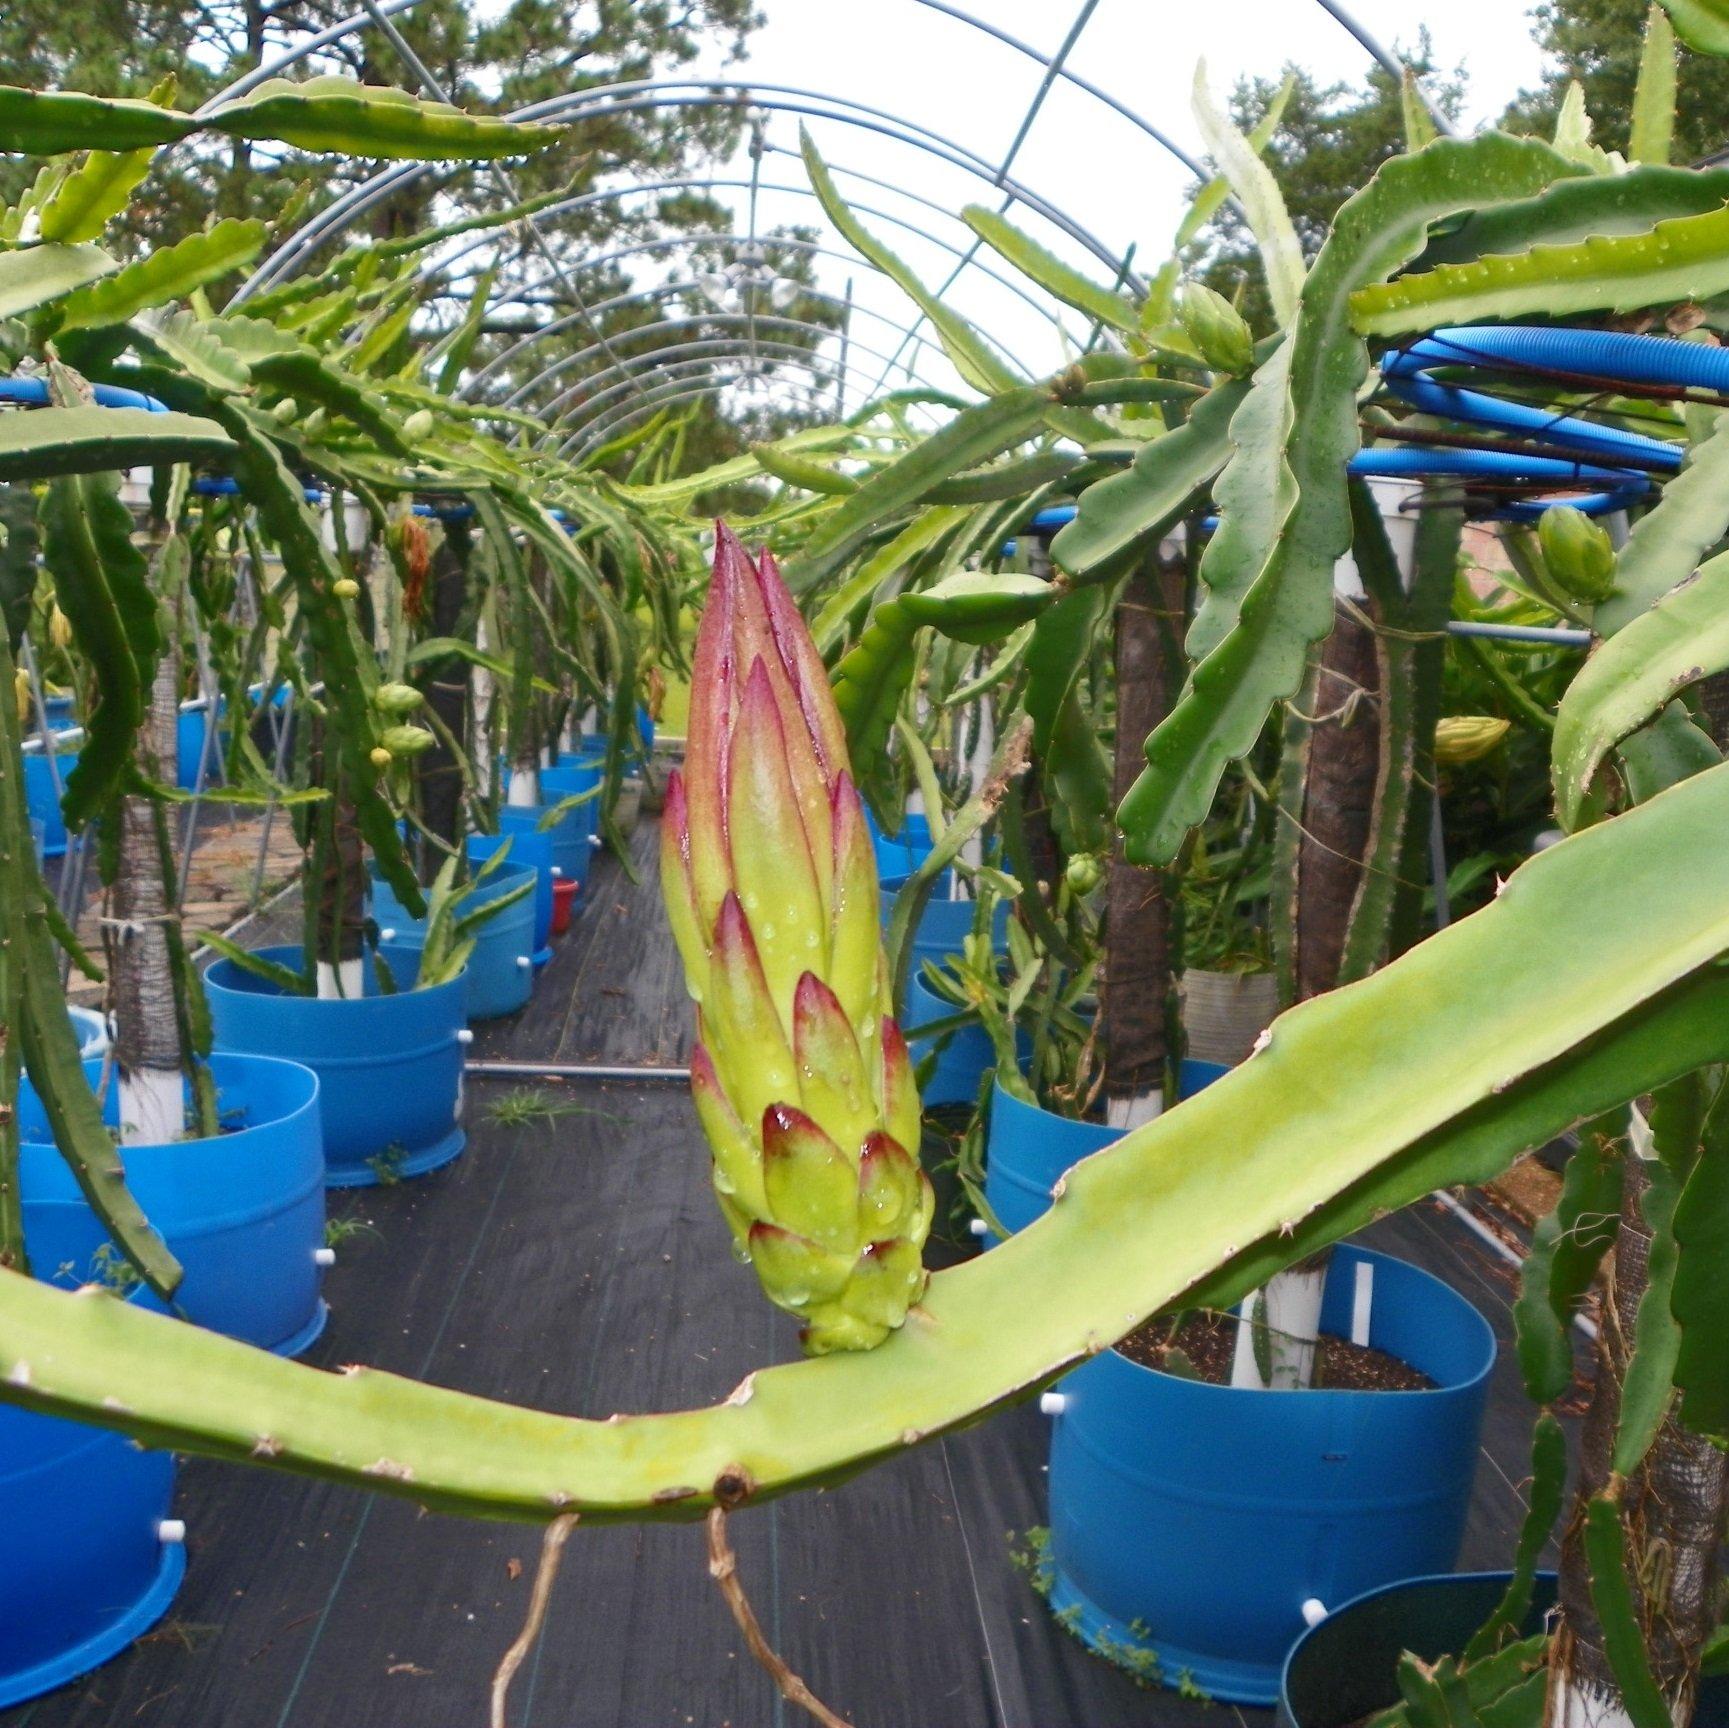 Dragon Fruit variety Kathie Van Arum Flower bud